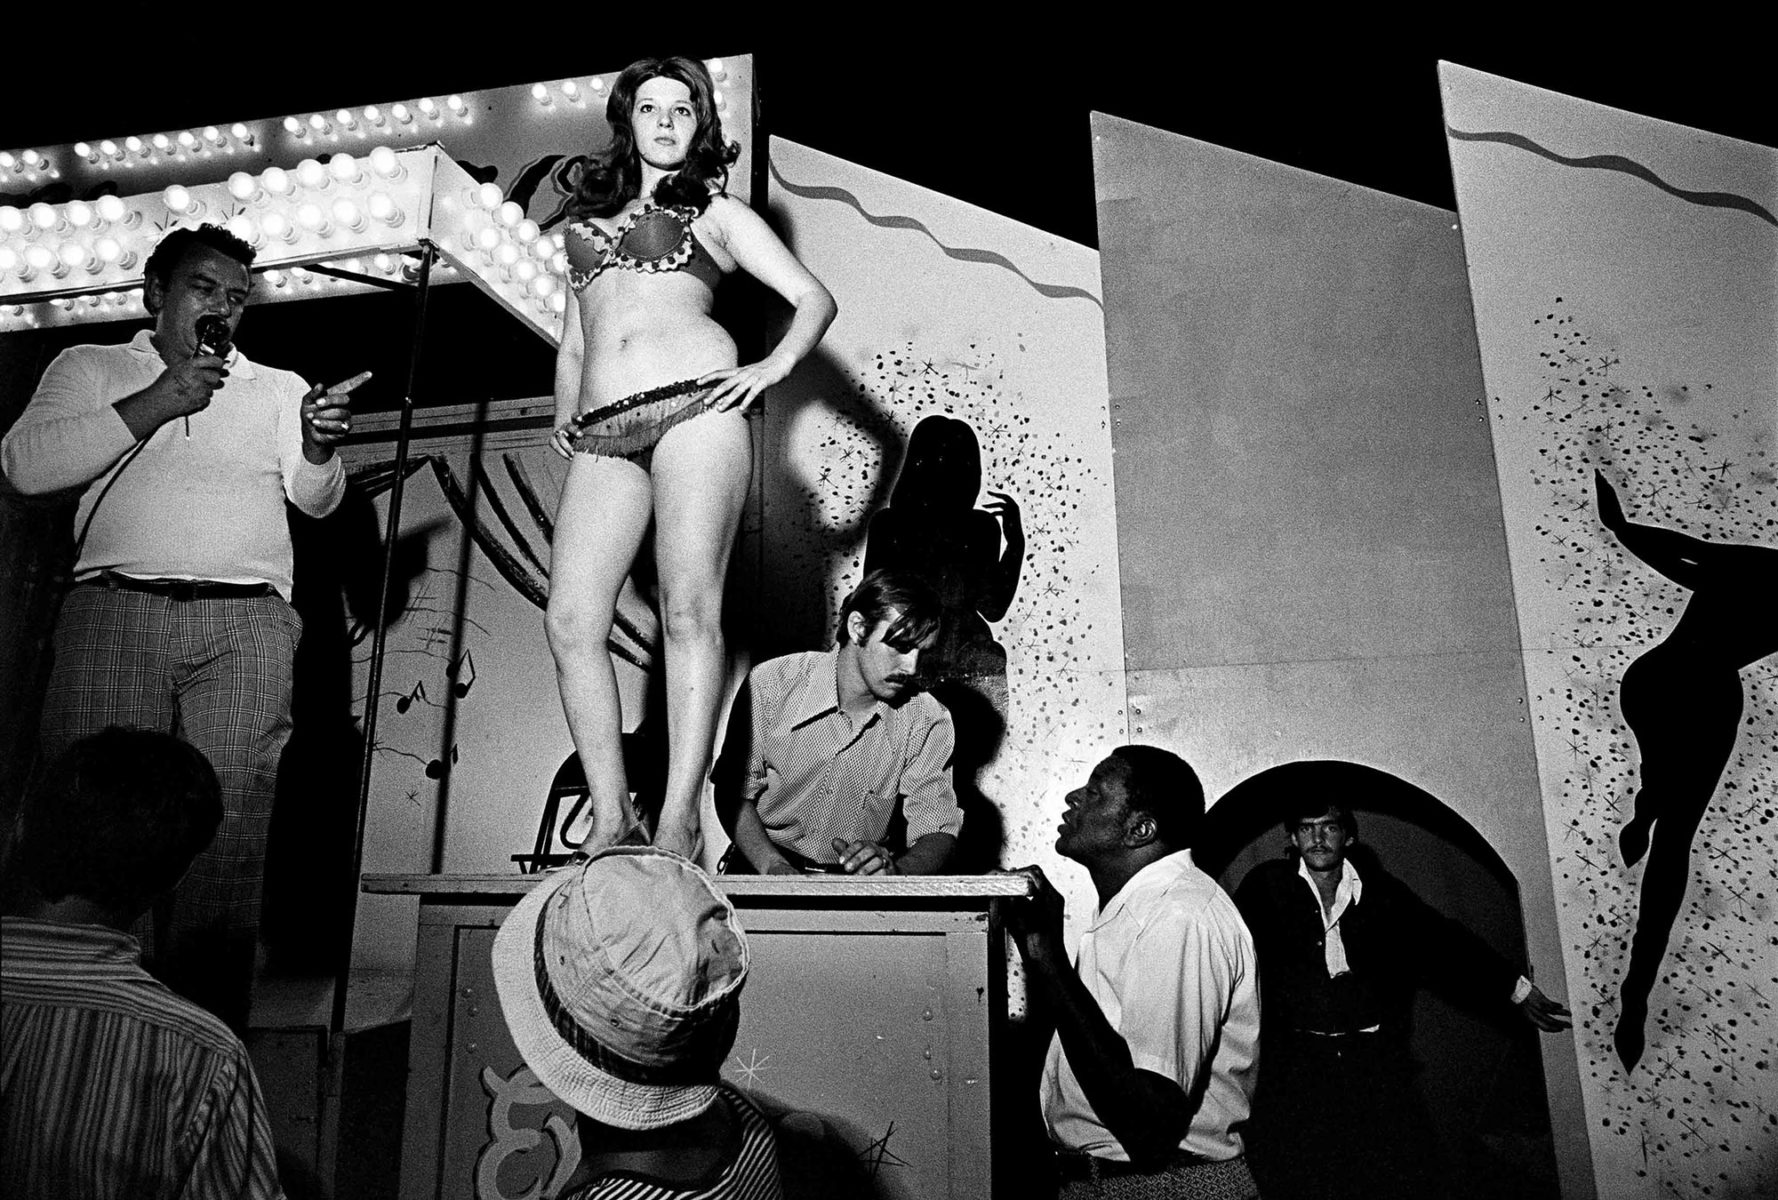 Lena auf der Bally Box, Essex Junction, Vermont, USA, 1973 Schwarzweißfotografie von Susan Meiselas